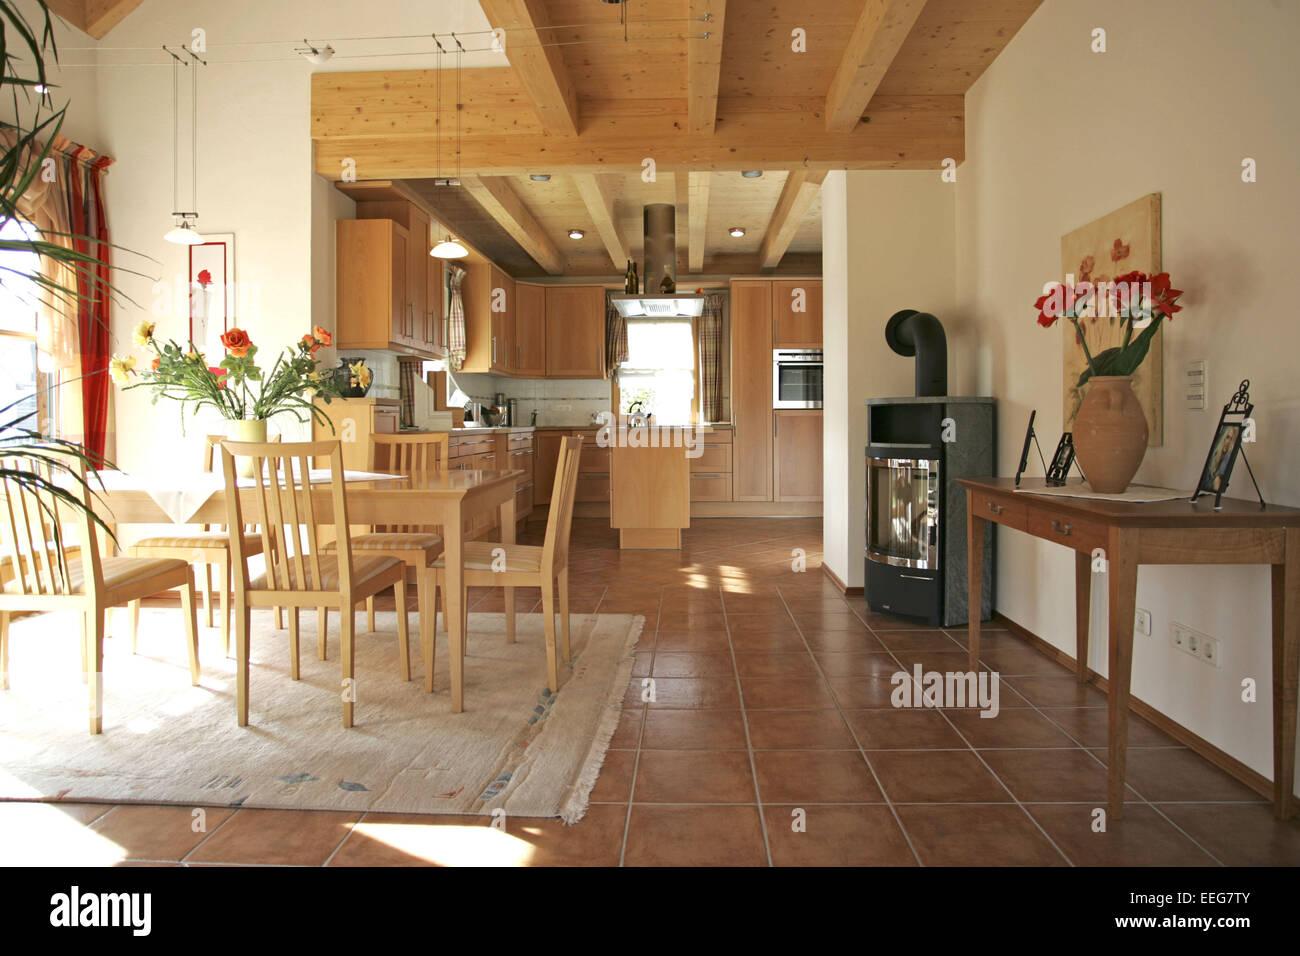 Kueche Esszimmer Wohnen Innenaufnahme Inneneinrichtung Wohnung Wohnraum  Einrichtung Moebel Mobiliar Modern Interieur Tisch Stuhl